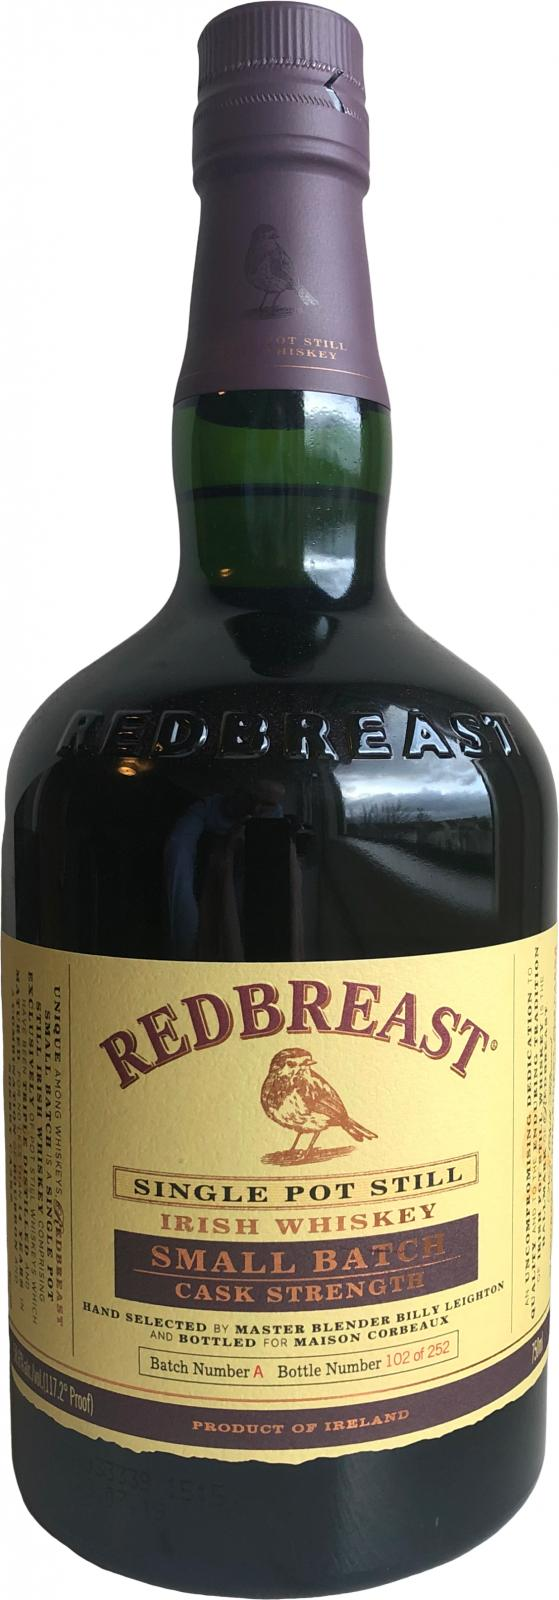 Redbreast Small Batch